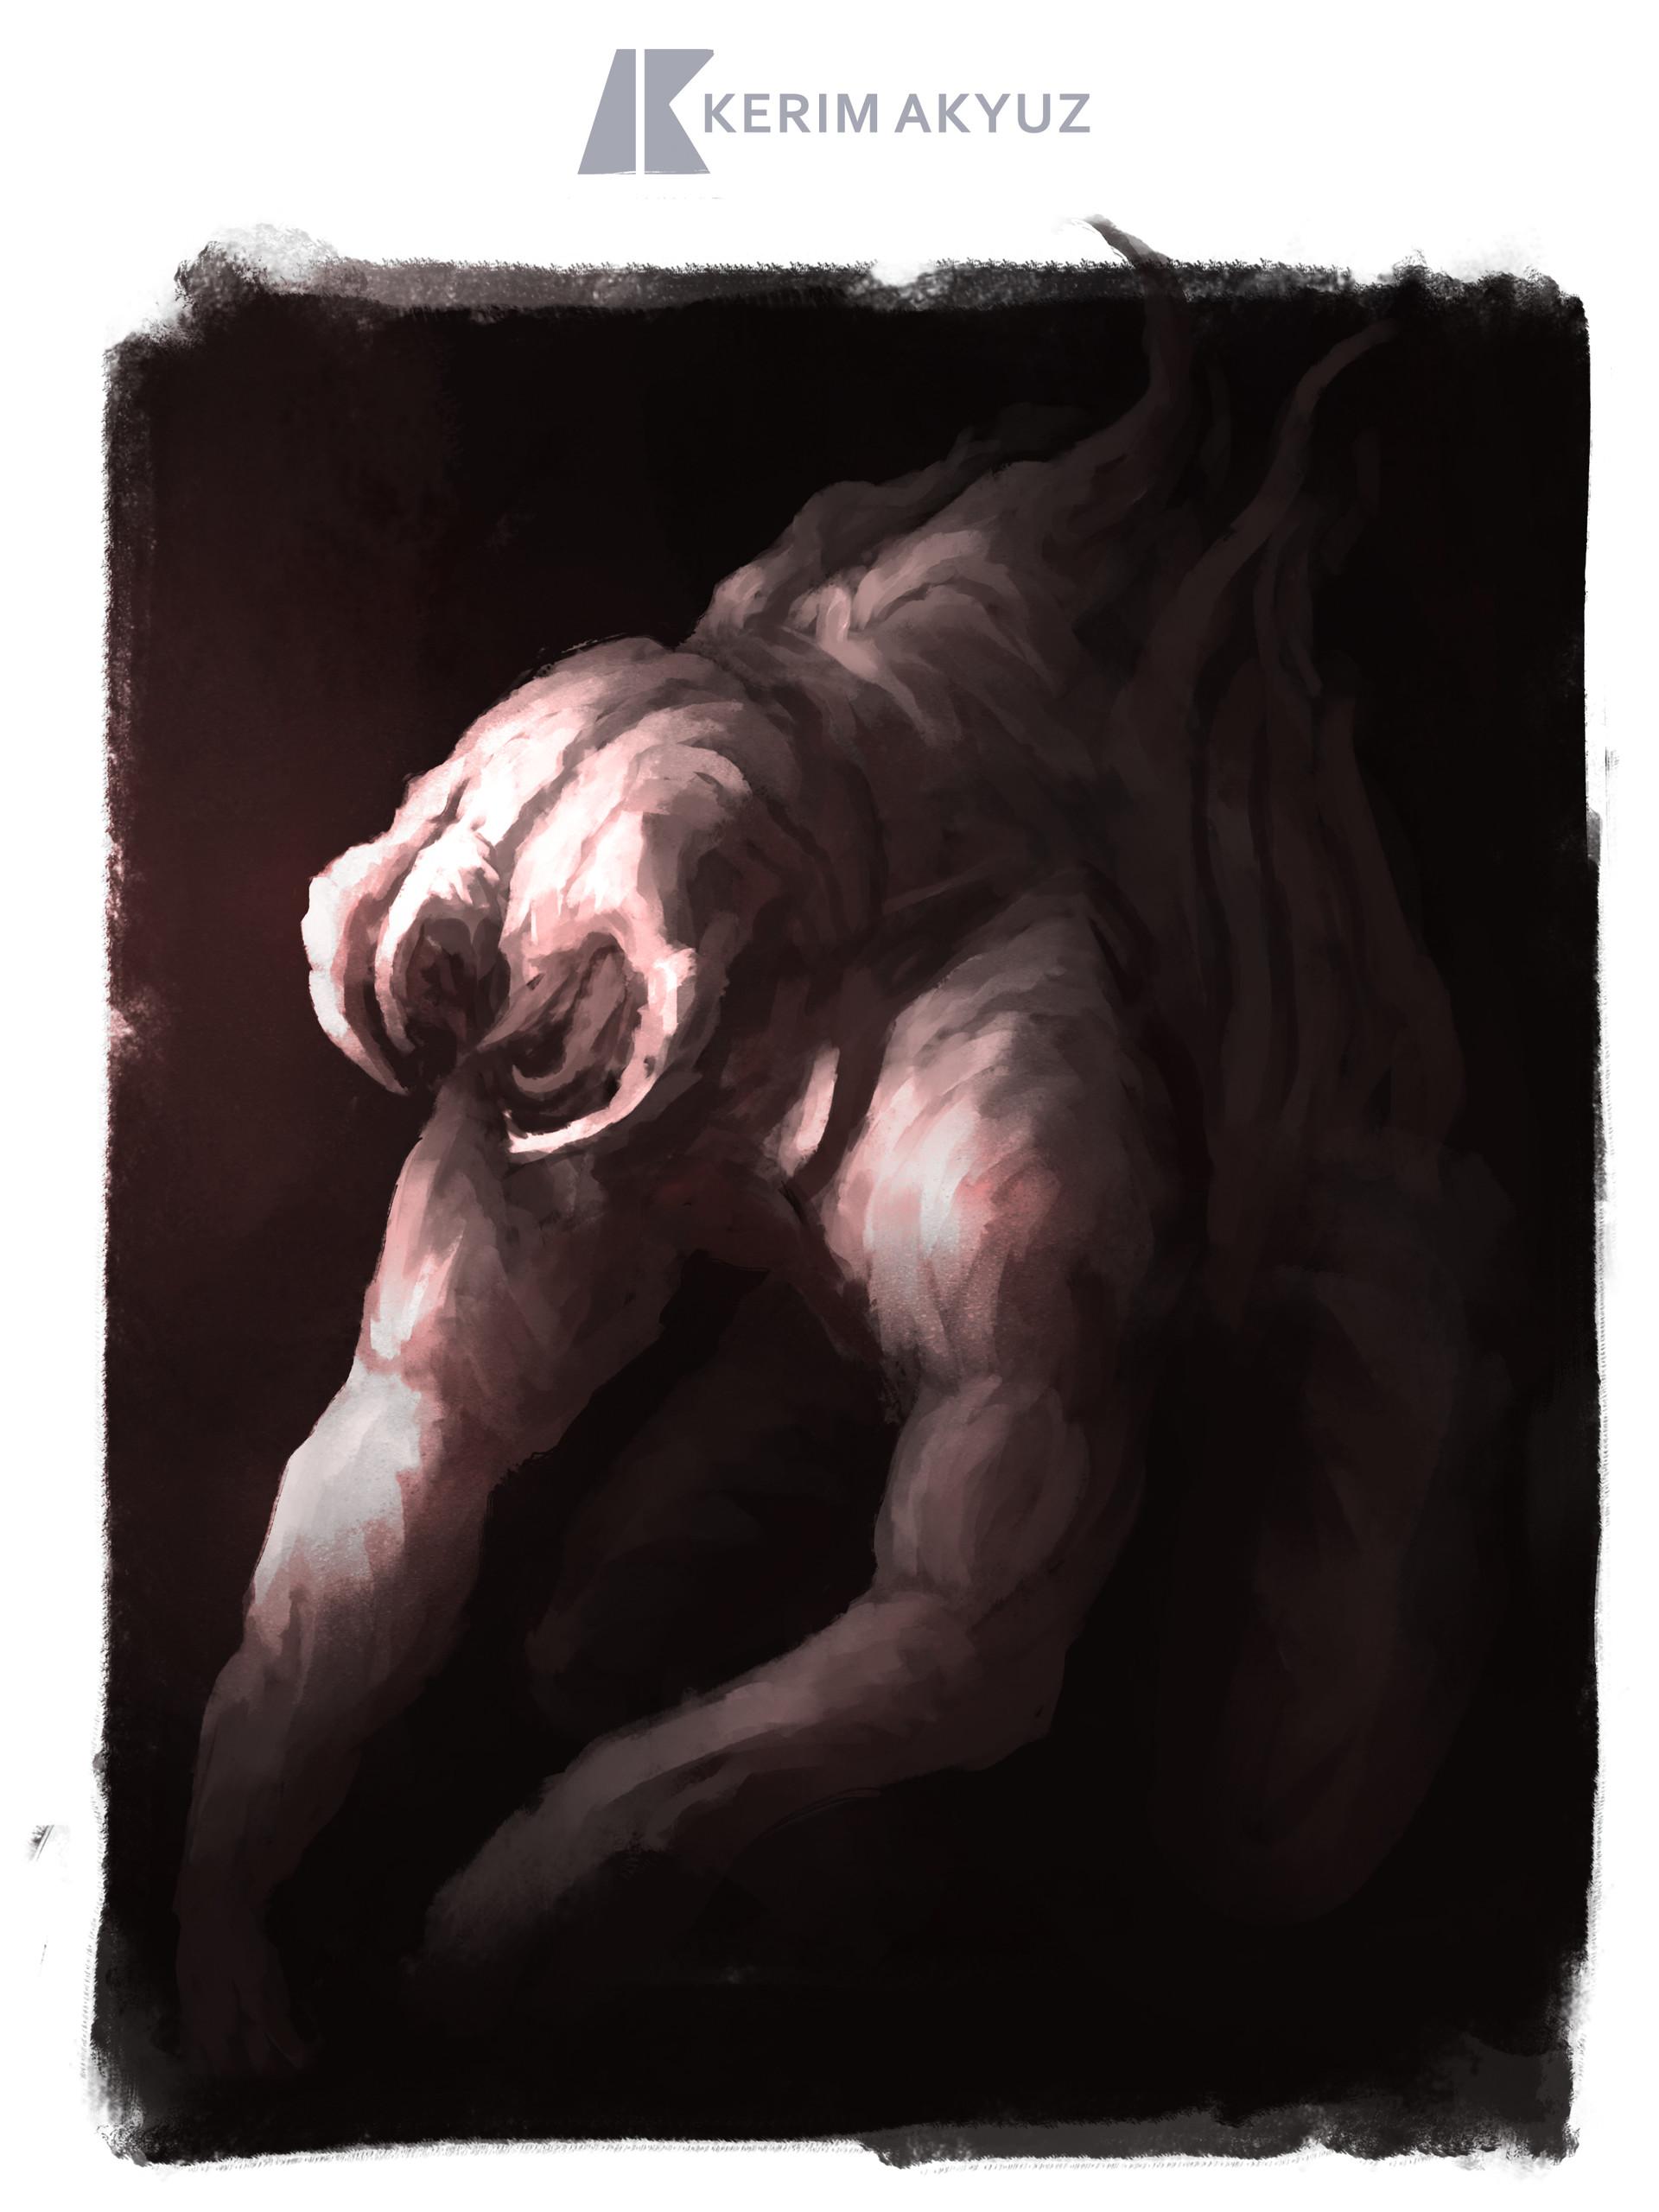 Kerim akyuz 41 grotesque